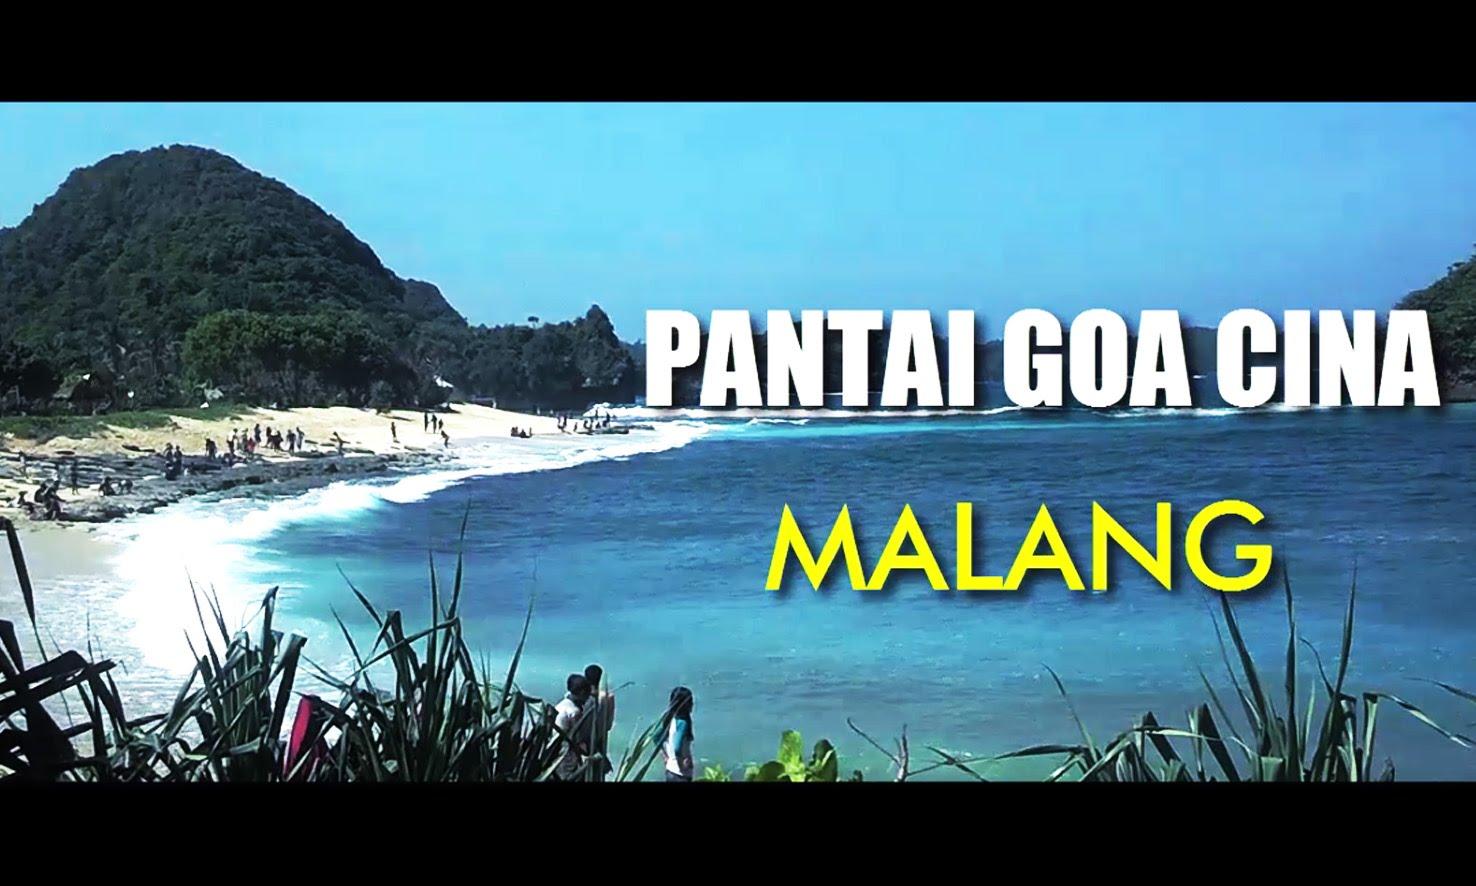 Pantai Goa Cina Tempat Wisata Malang Jawa Timur Youtube Kab